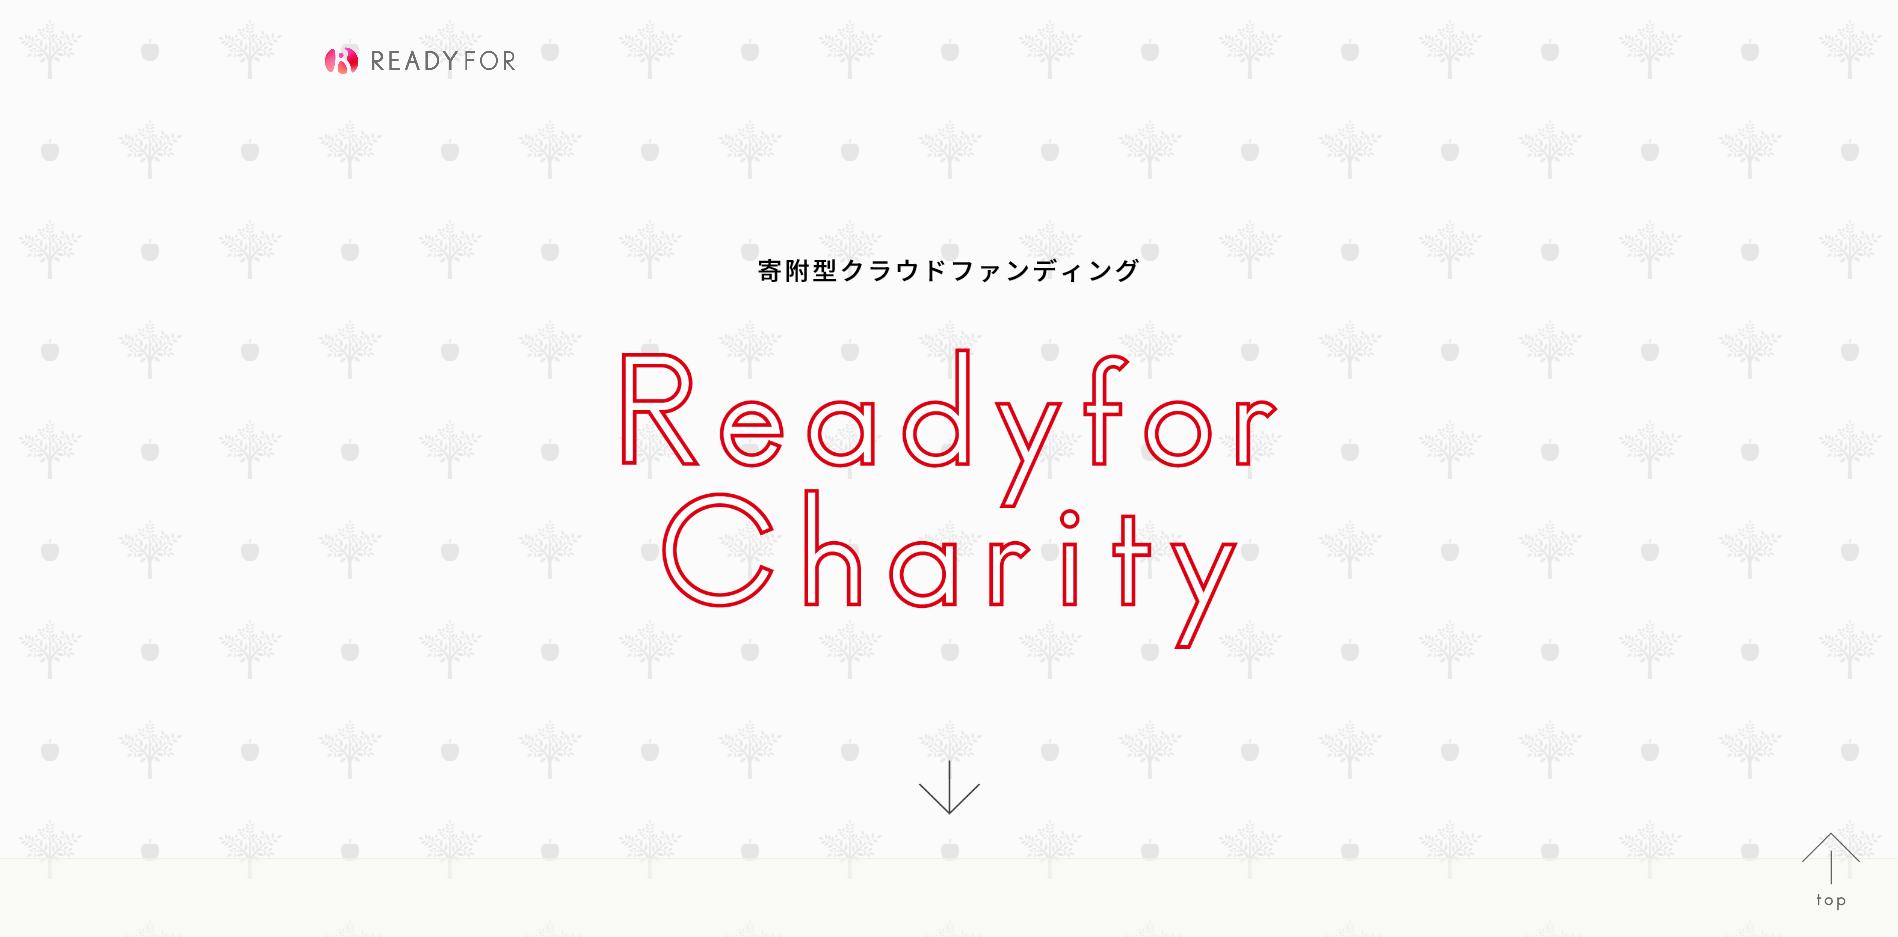 Readyfor_Charity(レディーフォーチャリティ)の画像